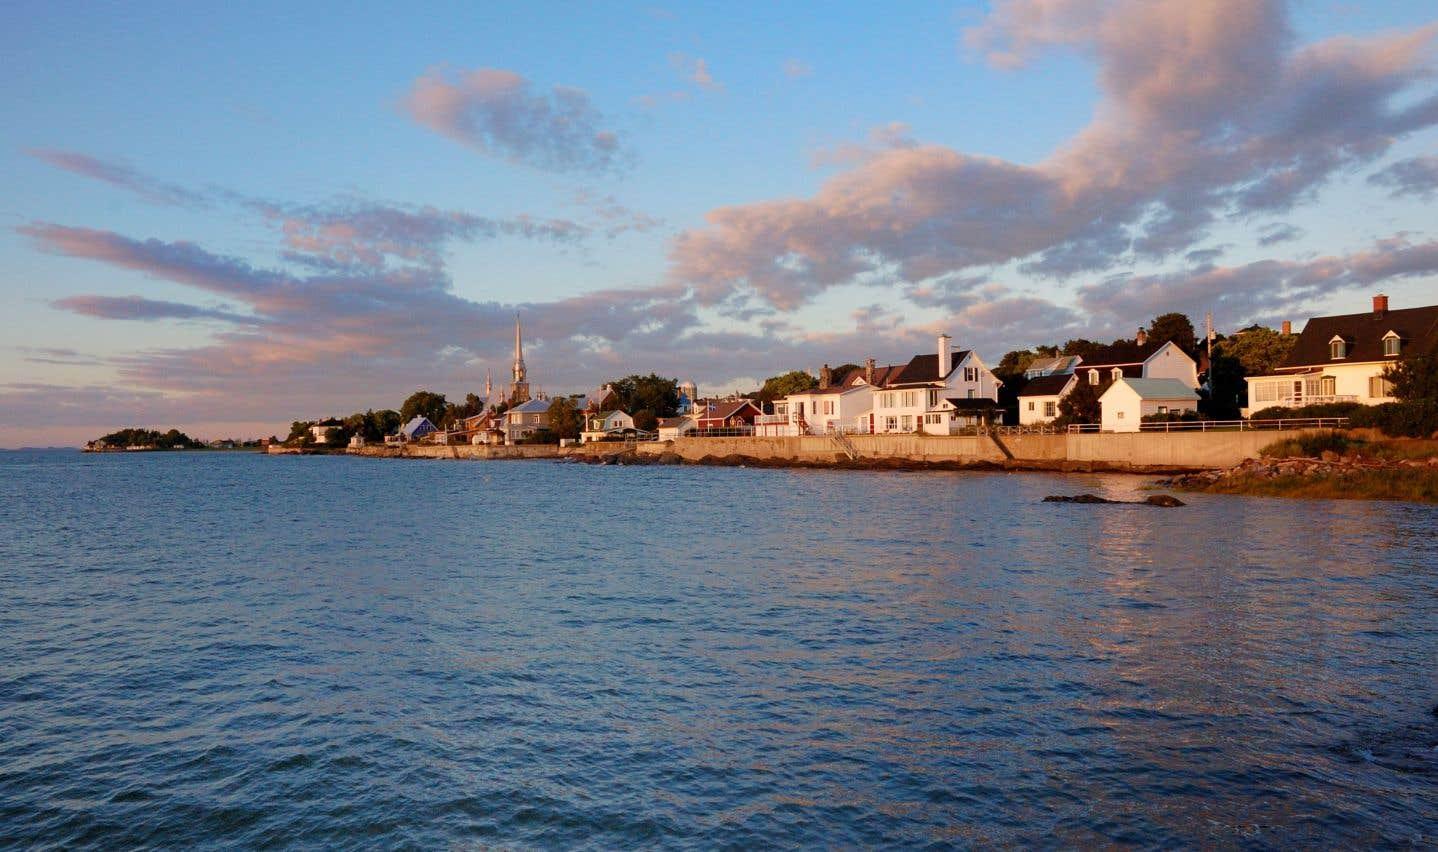 C'est dans le Bas-Saint-Laurent et en Gaspésie qu'on trouve le plus de préfets élus. Sur la photo, on aperçoitla municipalité de Kamouraska.